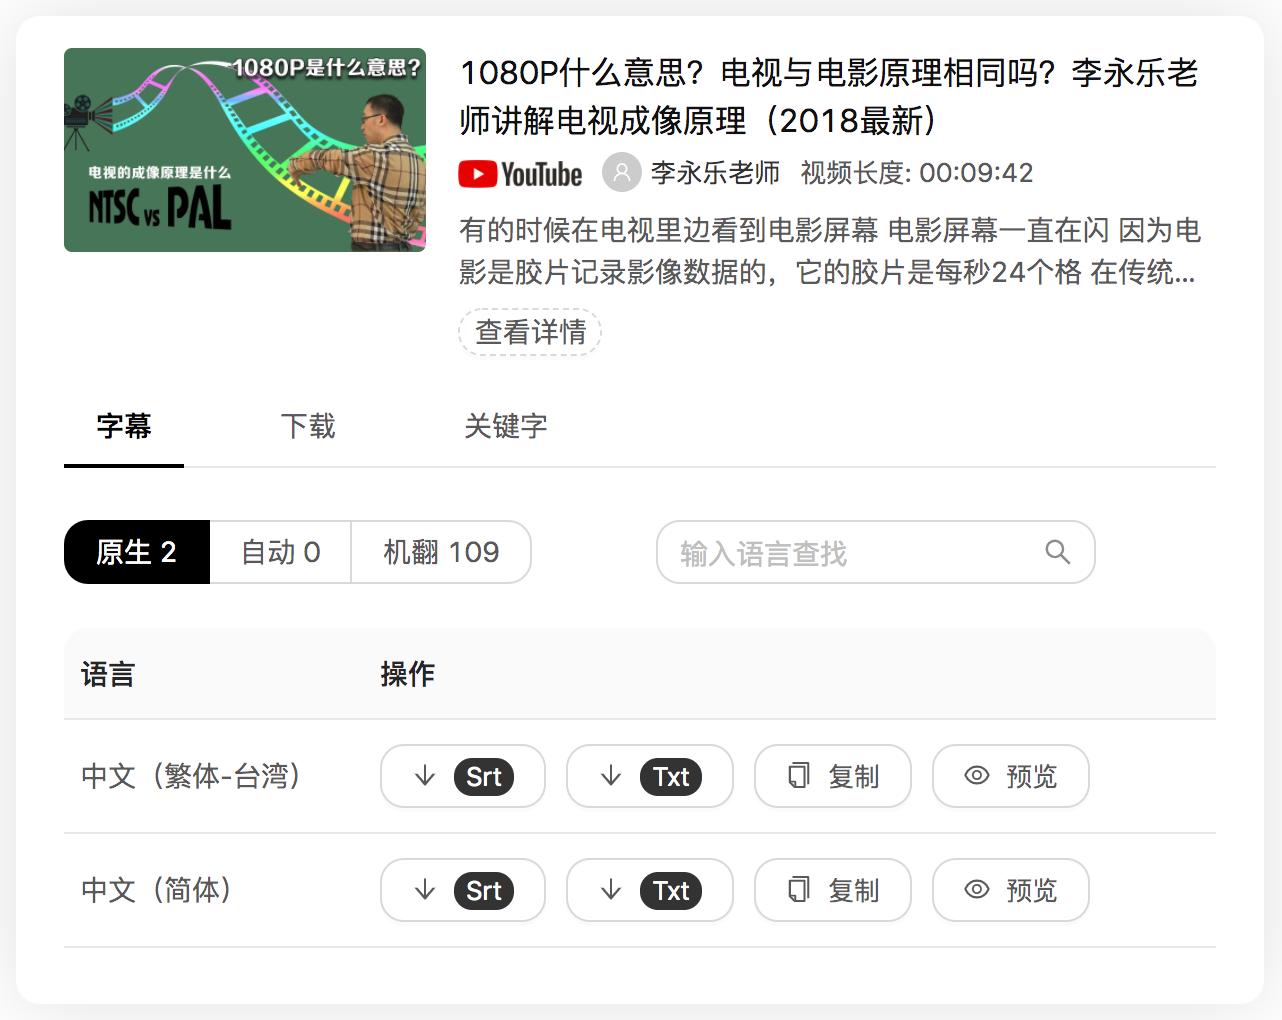 使用Heroku搭建在线服务API下载 YouTube bilibili 字幕